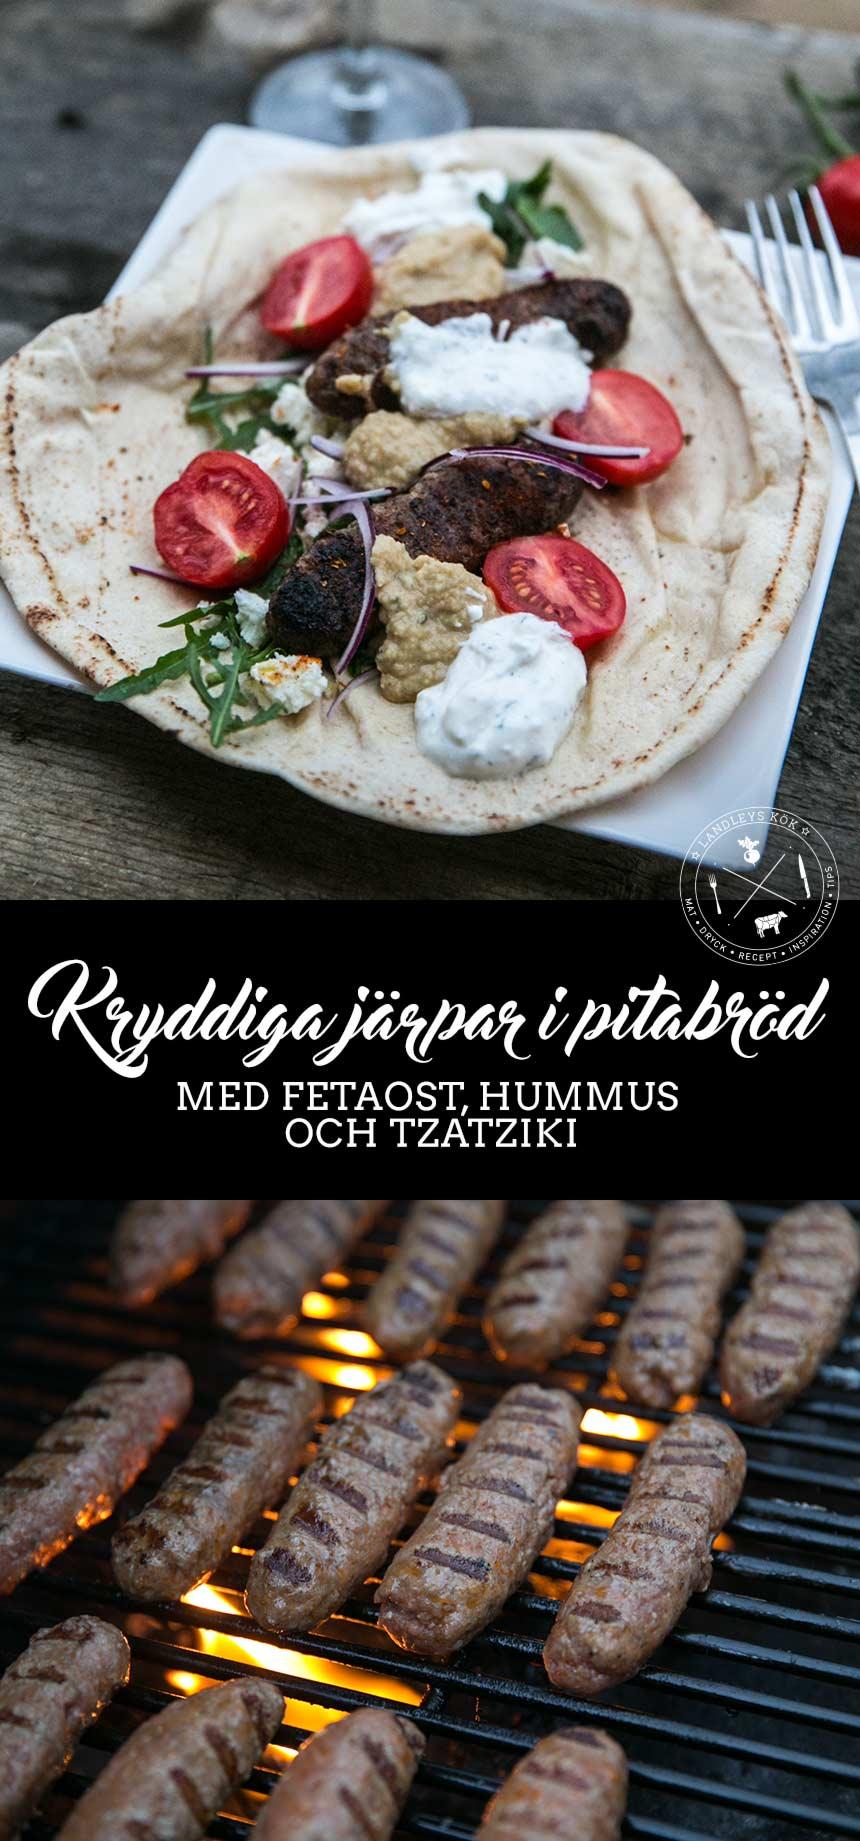 Kryddiga järpar i pitabröd med fetaost, hummus och tzatziki